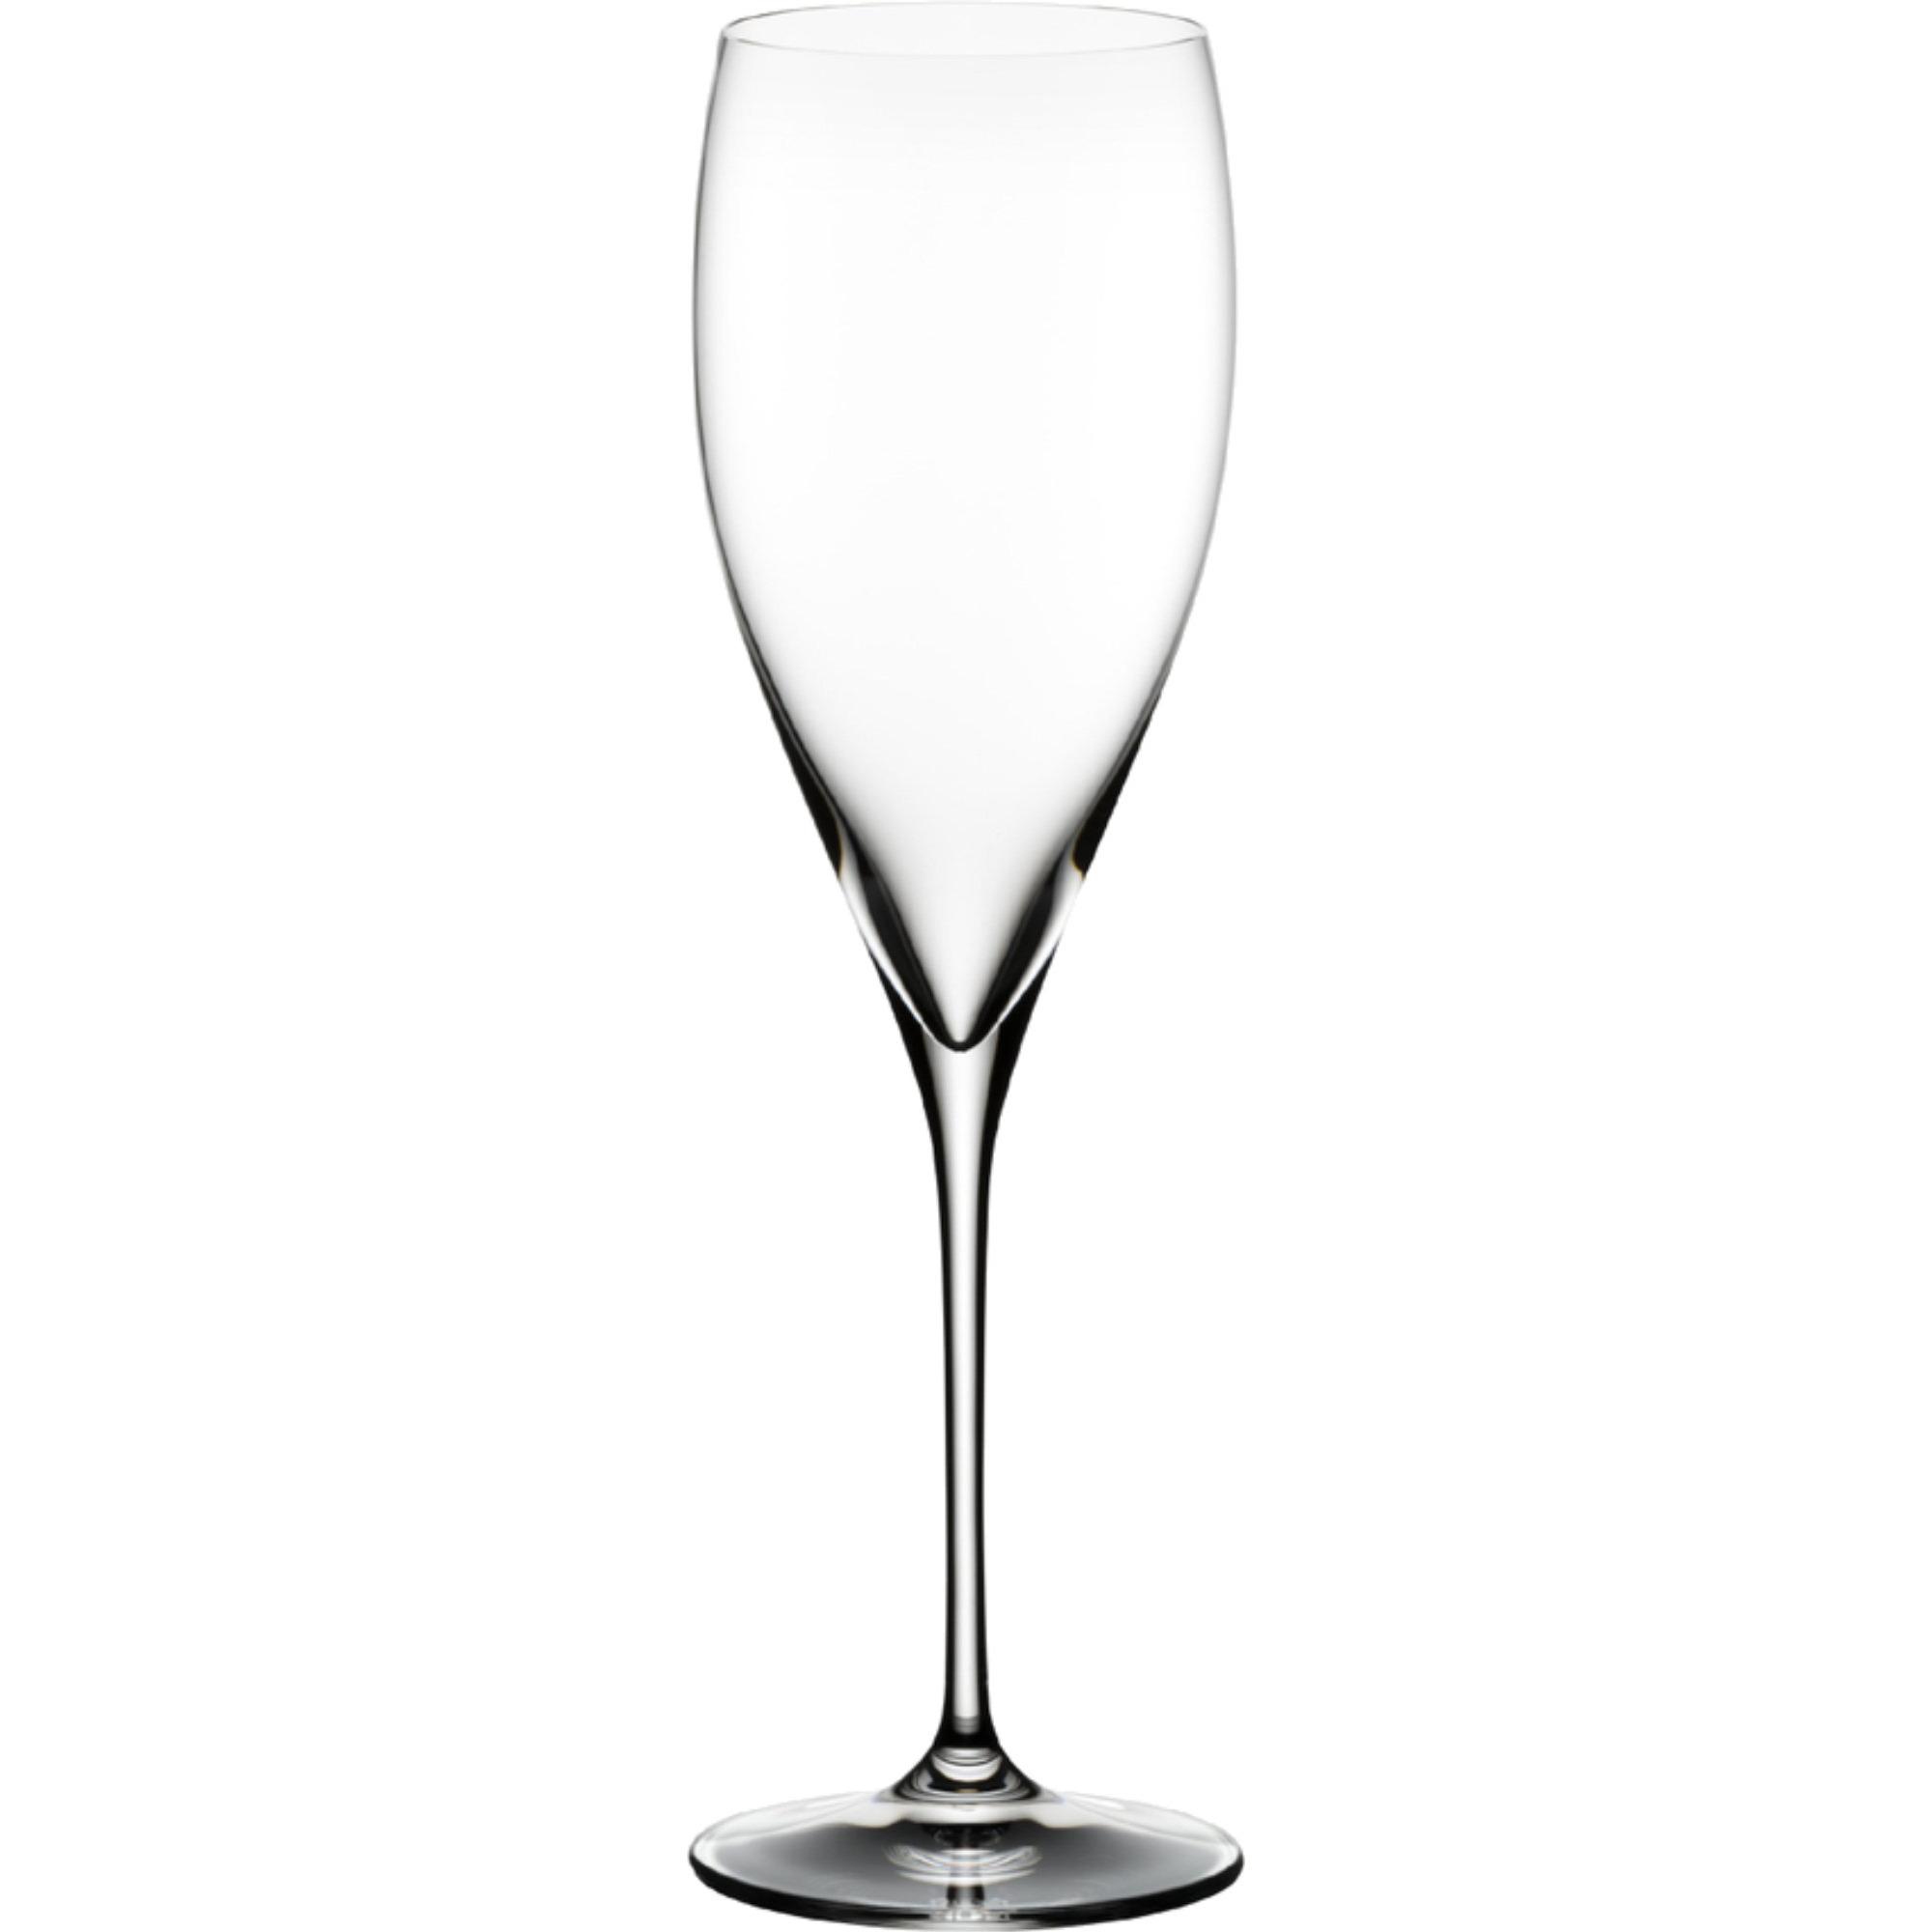 Riedel Vinum Vintage Champagneglas XL 34 cl 2-pack